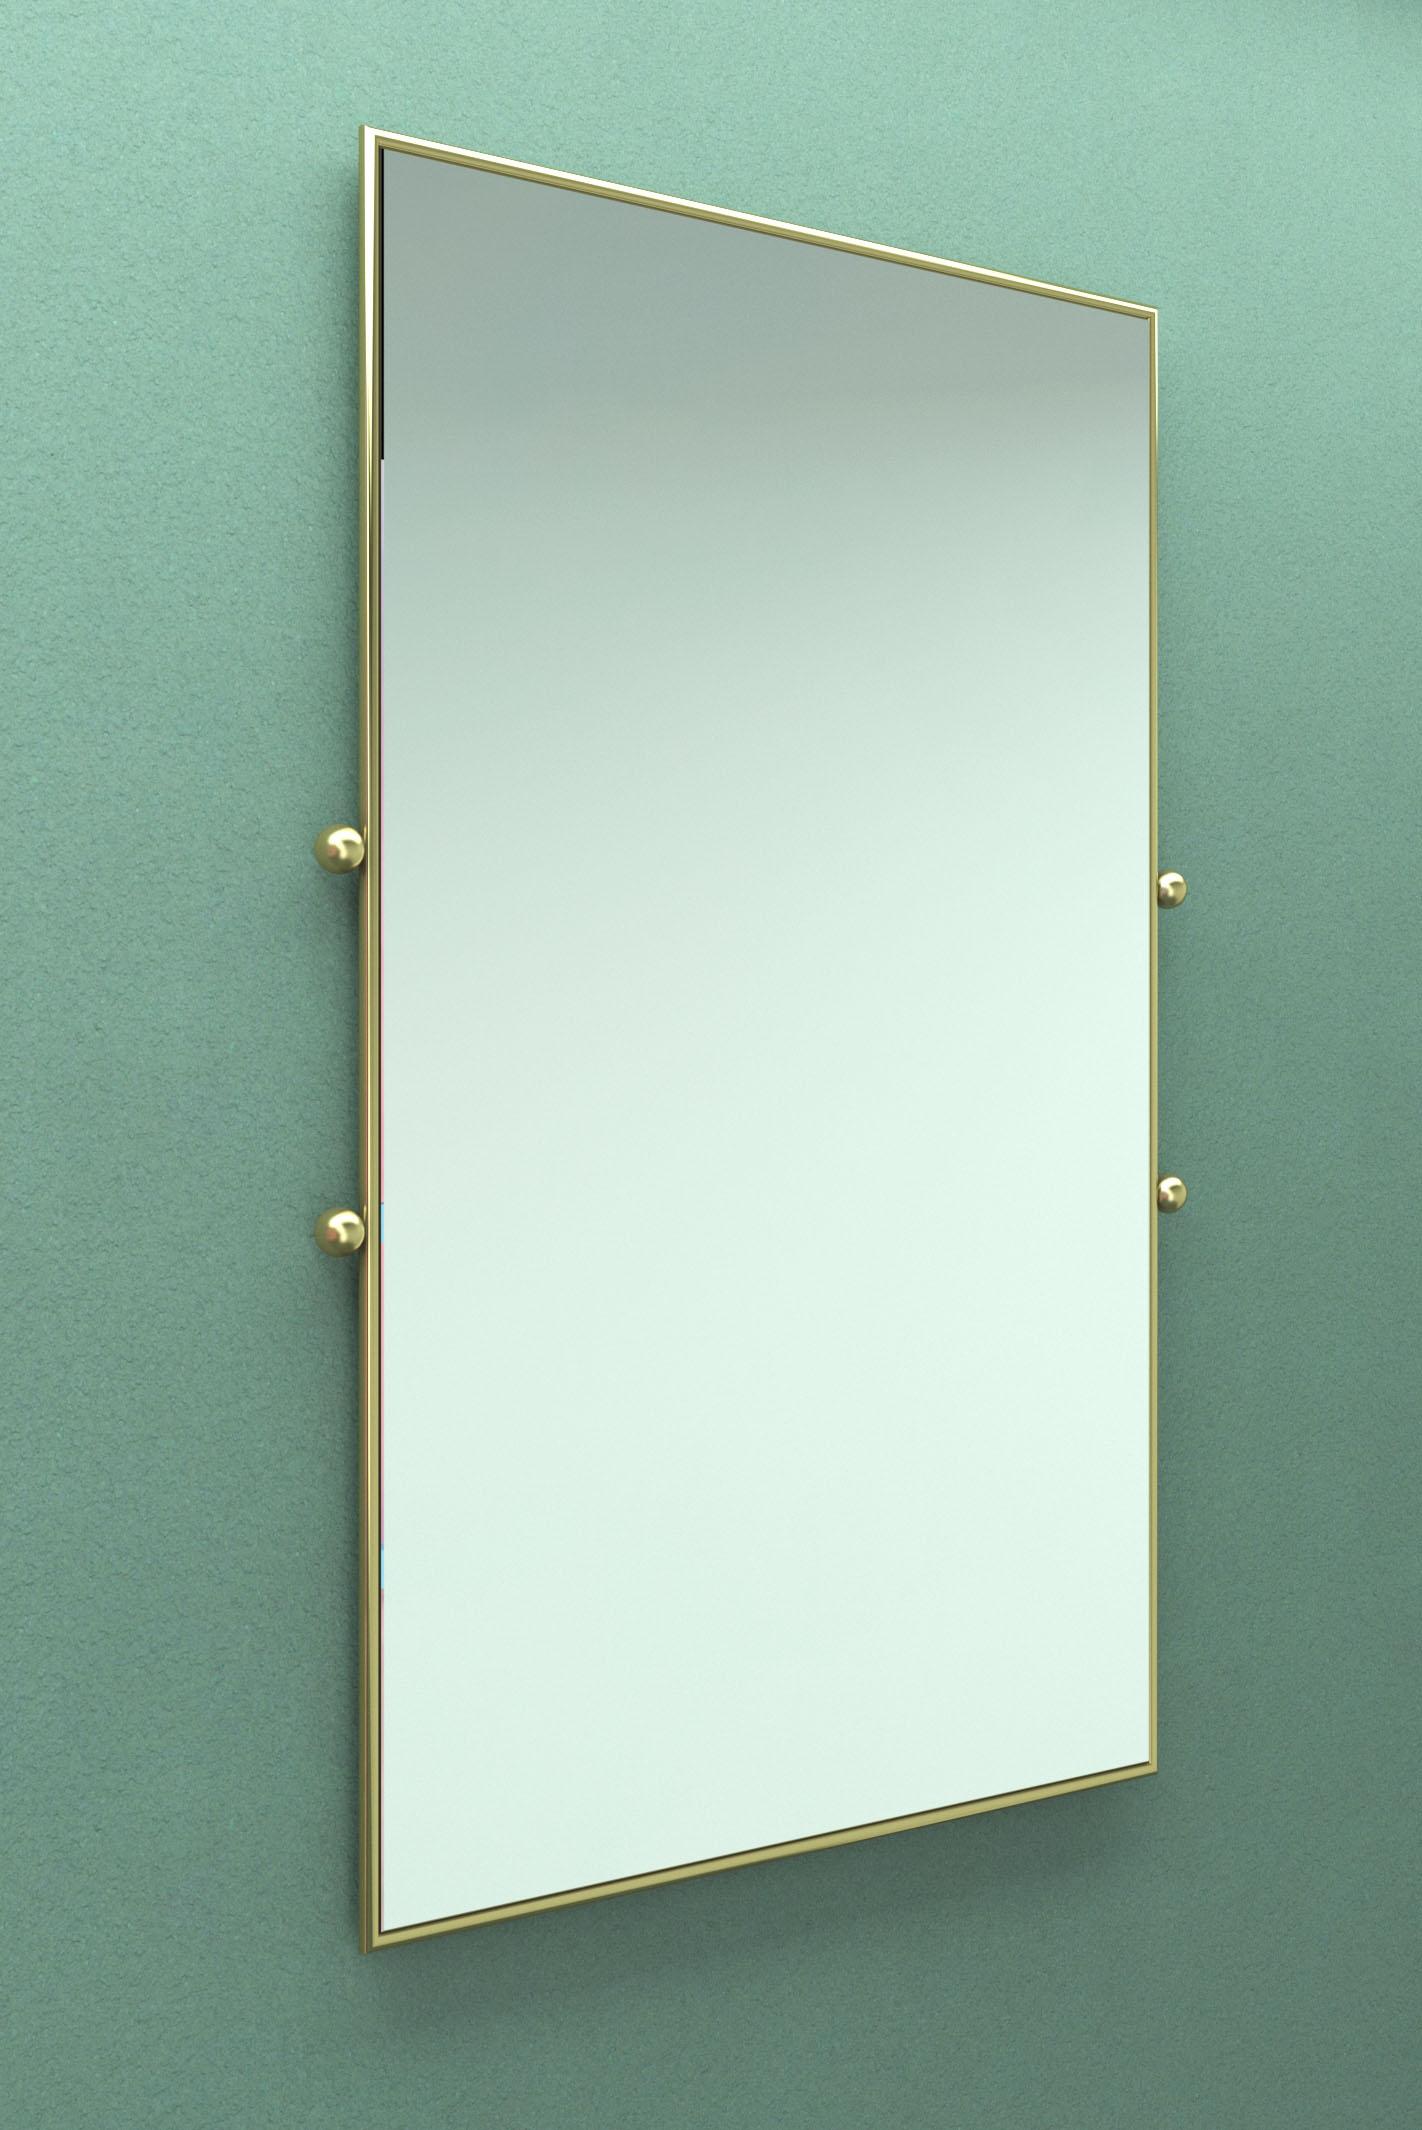 东莞LED除雾镜,卫浴镜厂家-鑫汇不锈钢挂镜